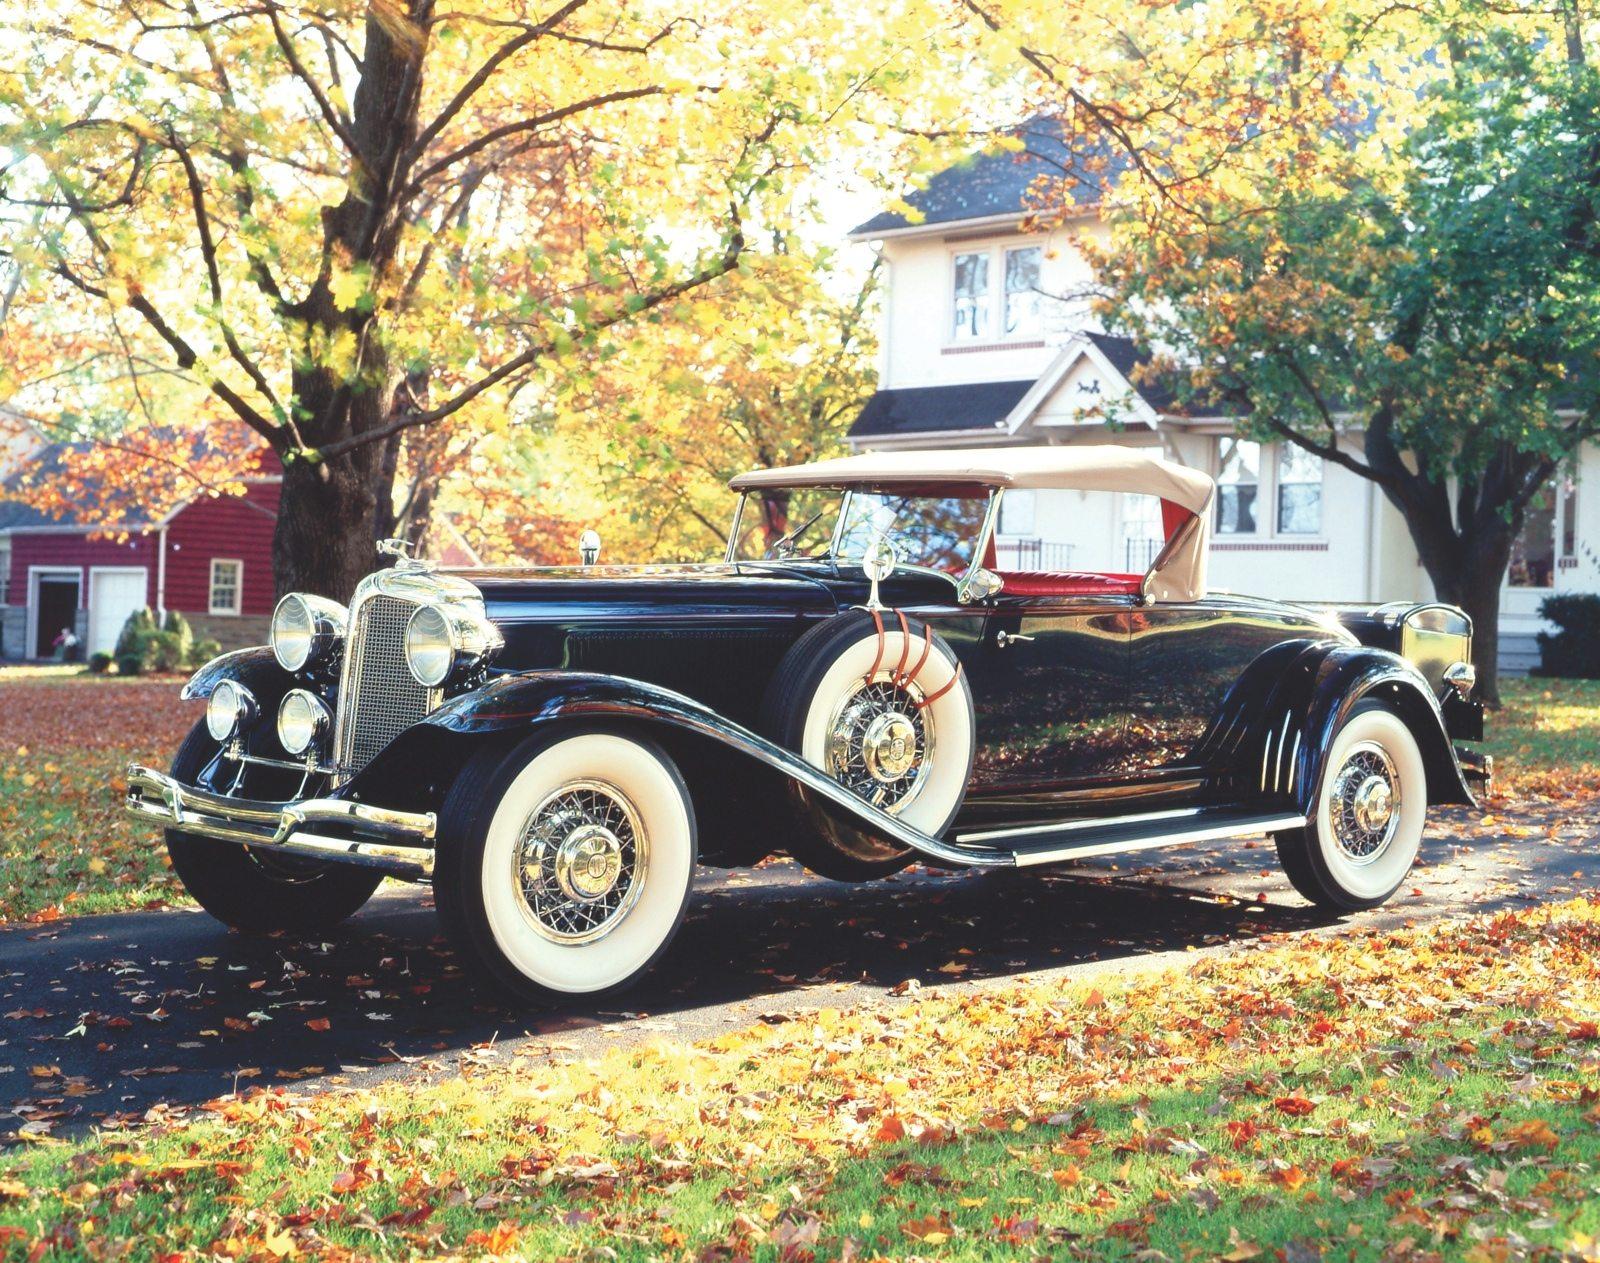 1931 Chrysler CG Imperial 8 Roadster